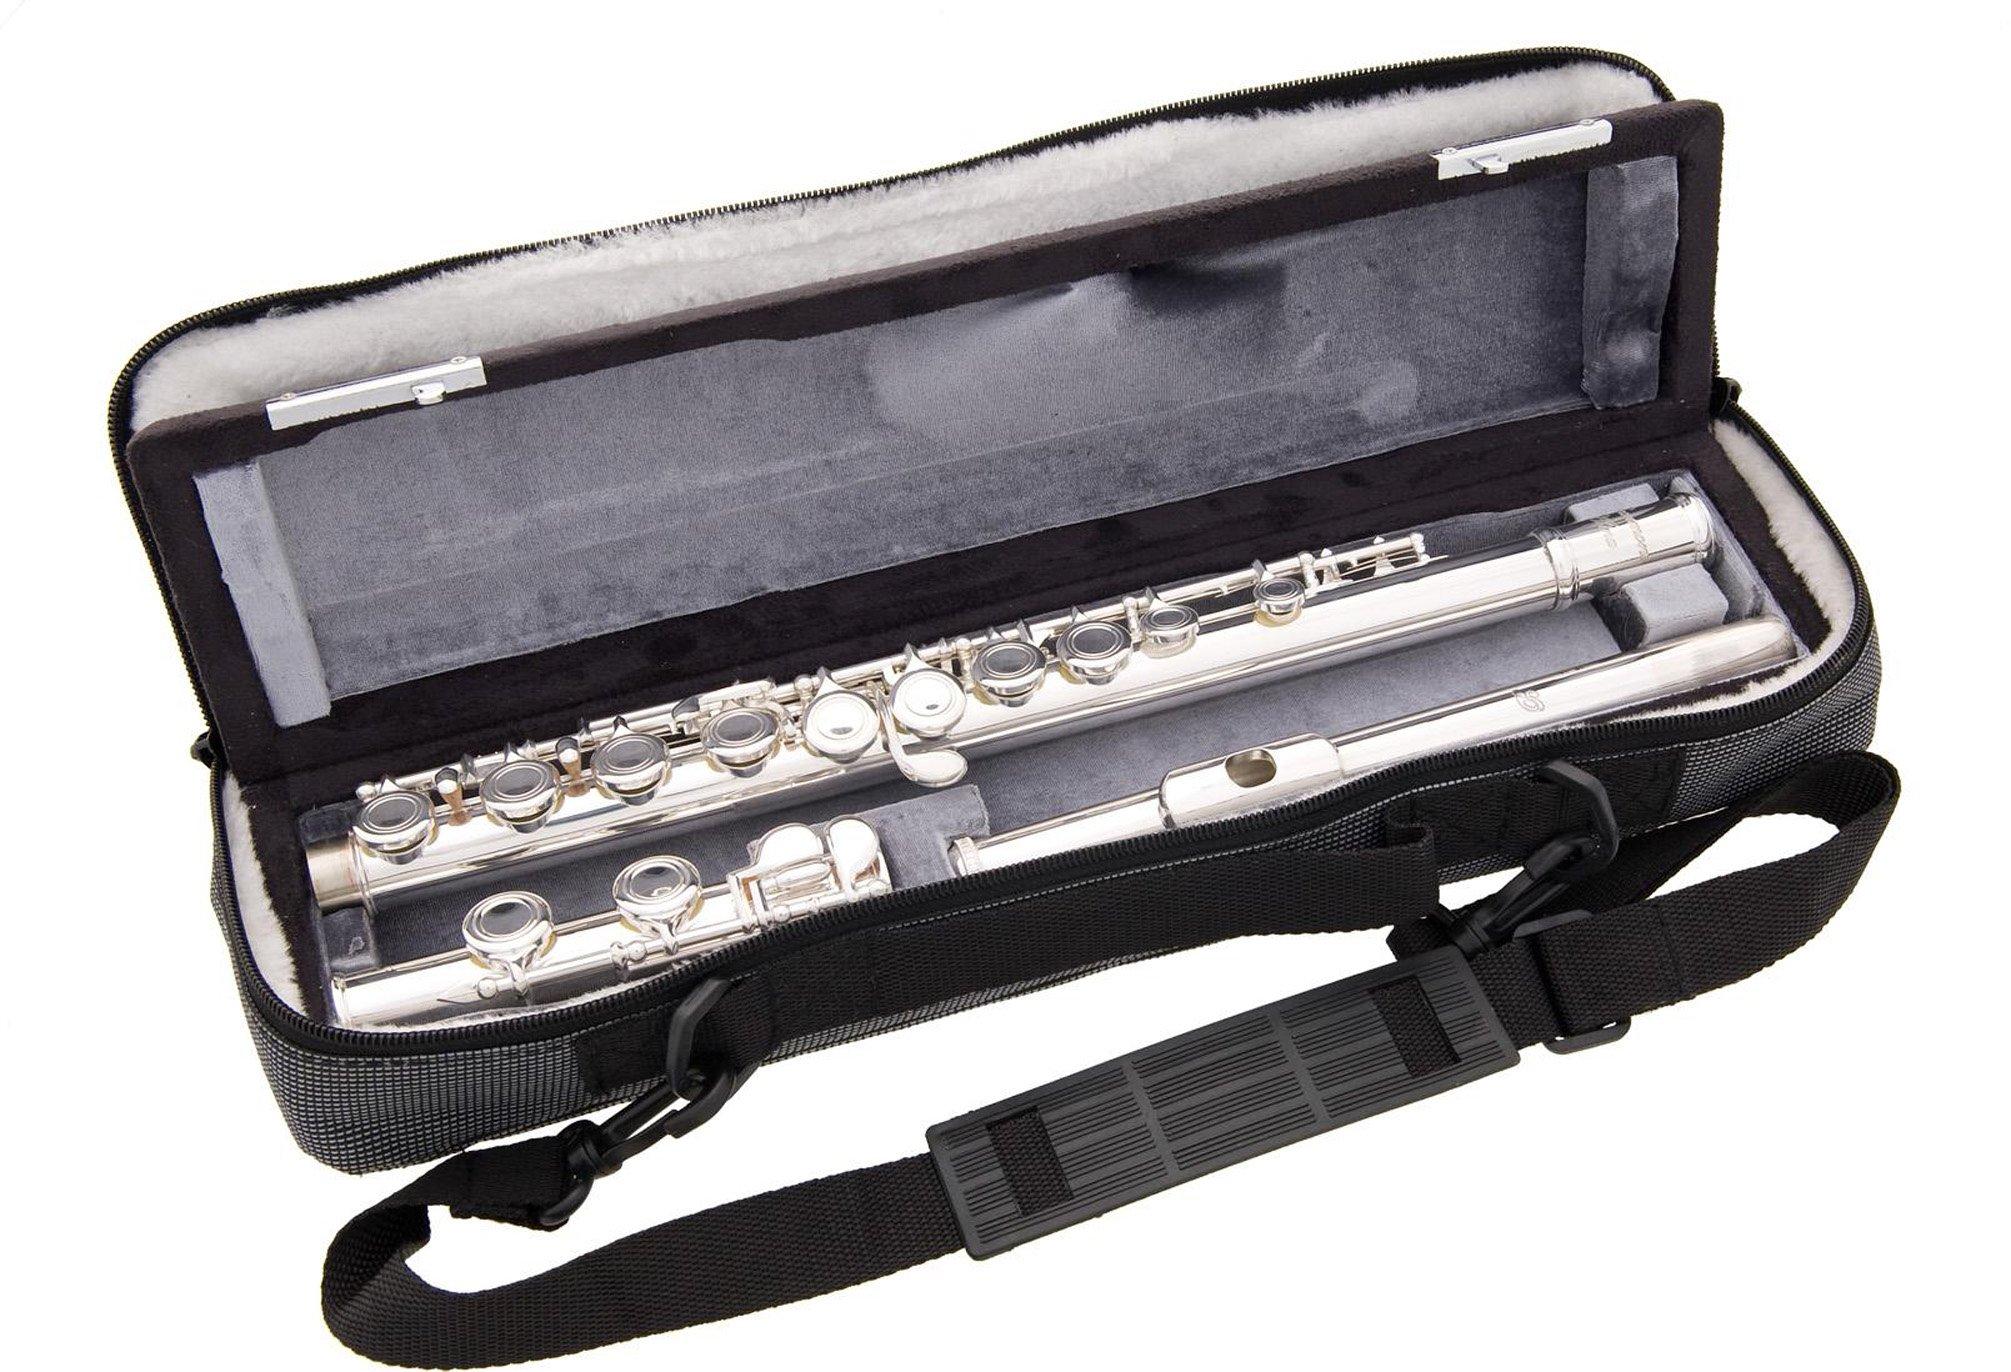 Beaumont Basi Alina - Flauta travesera para estudiantes avanzados (con cabeza de plata resistente): Amazon.es: Instrumentos musicales